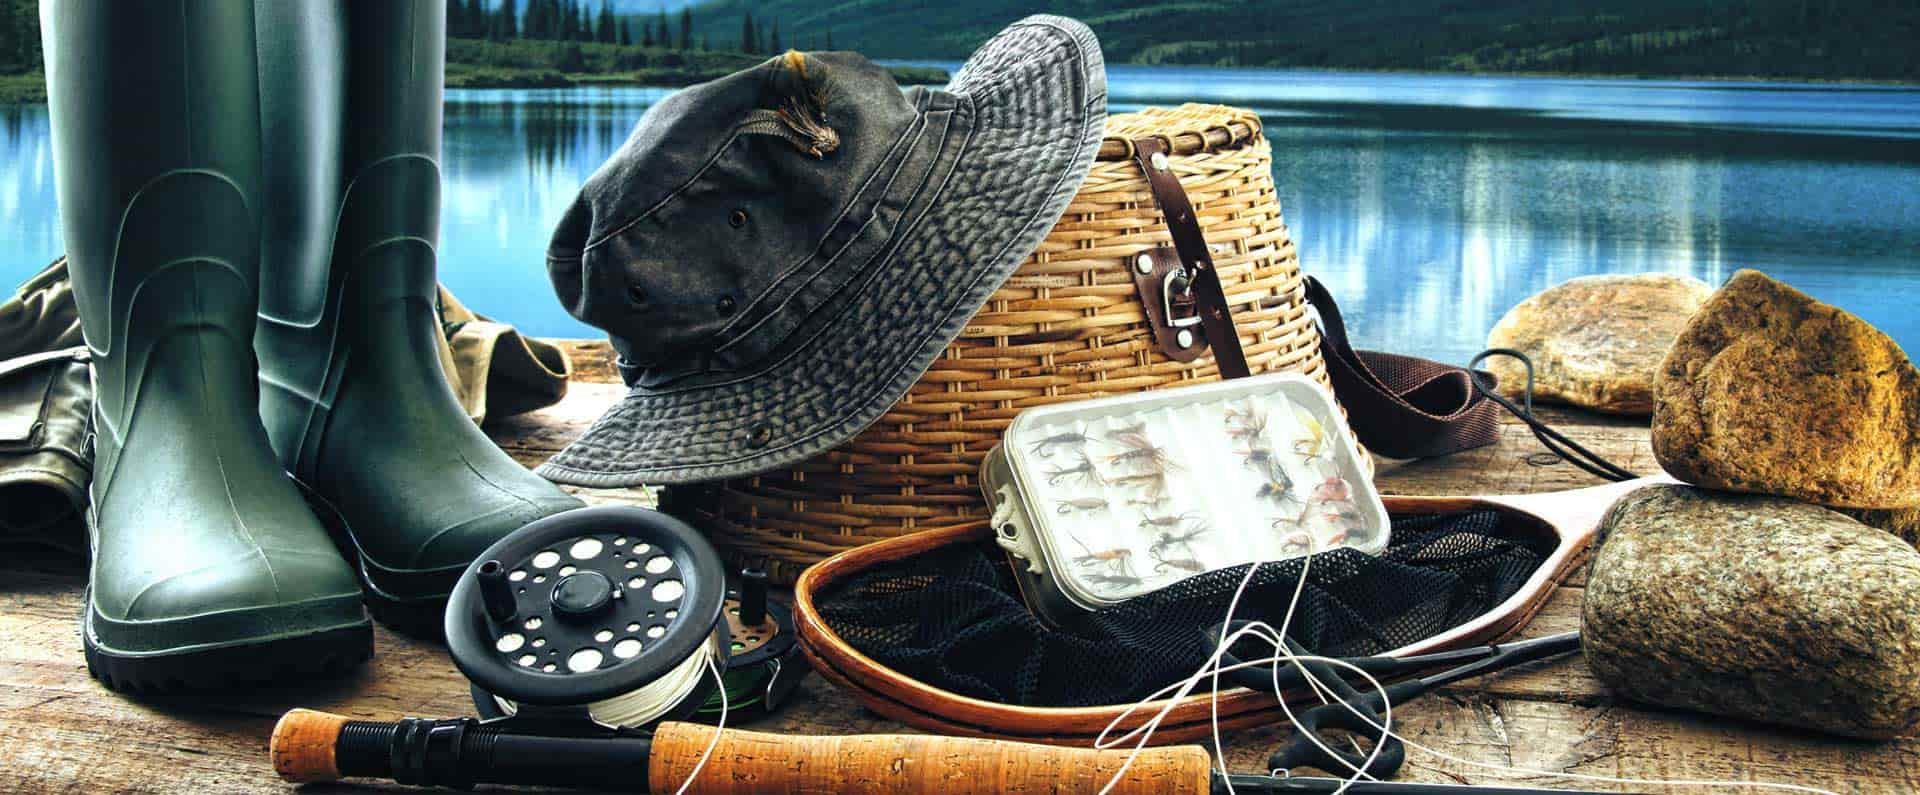 товар для охоты и рыбалки из китая